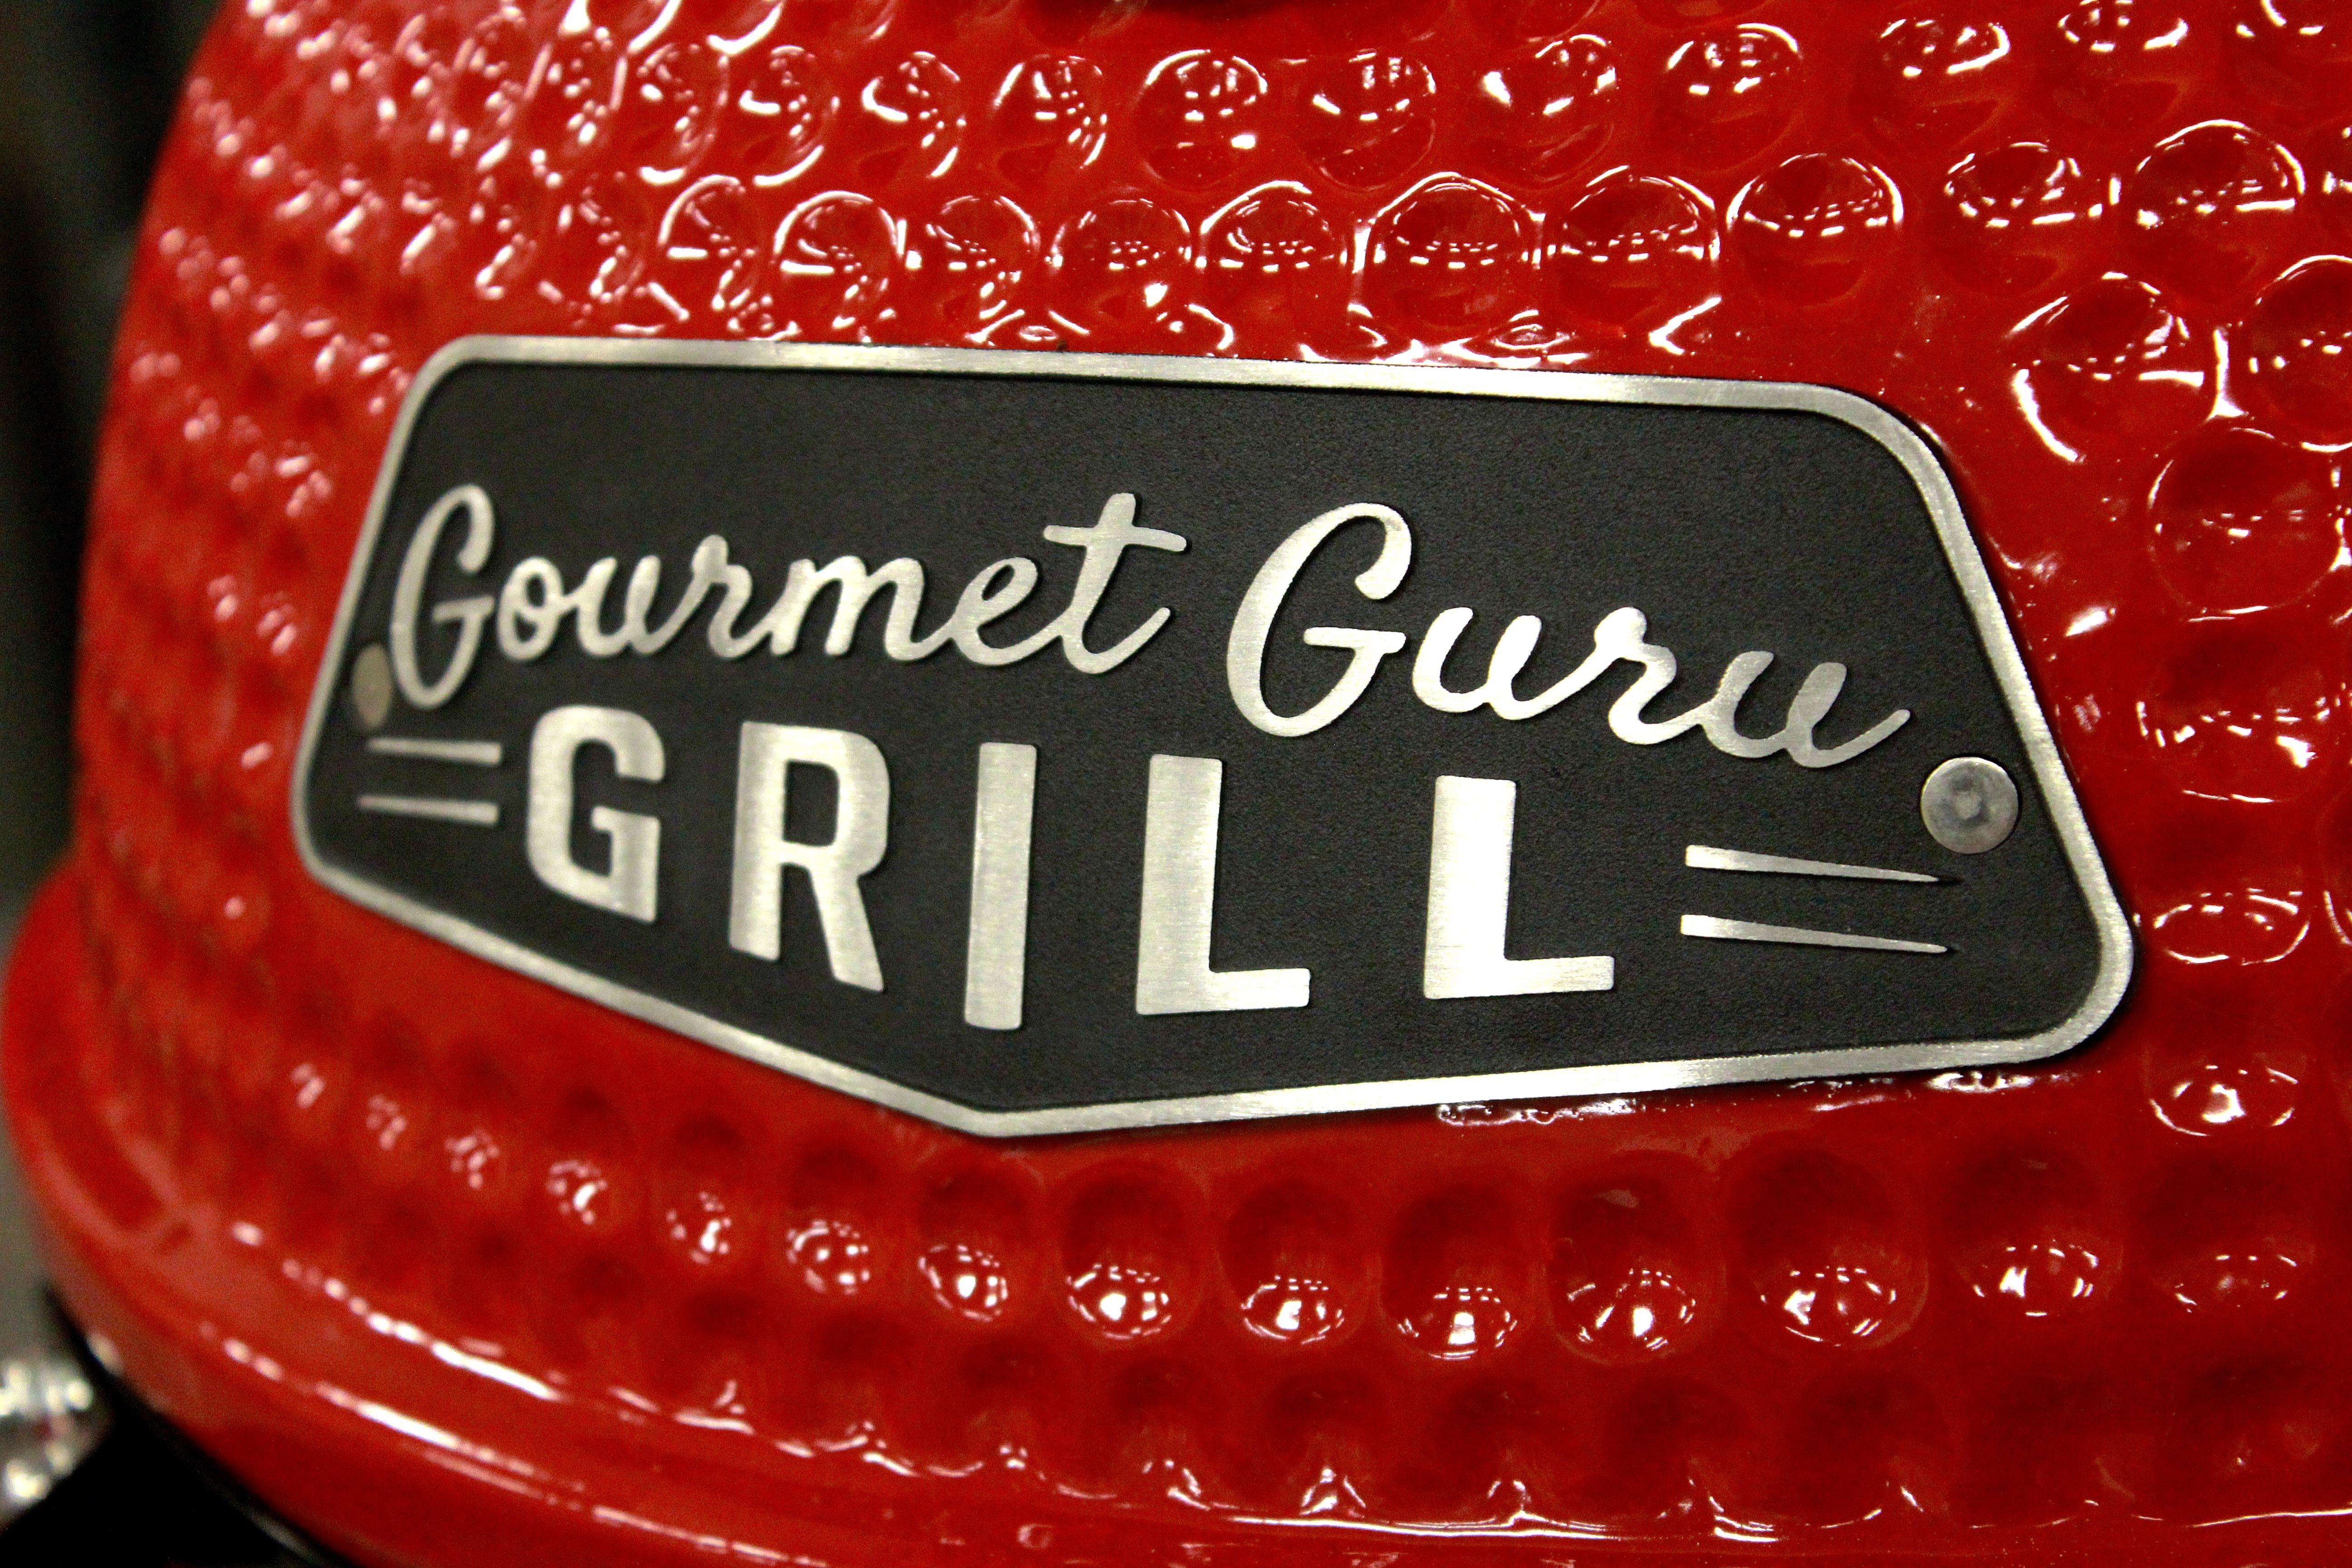 Gourmet Guru Grill